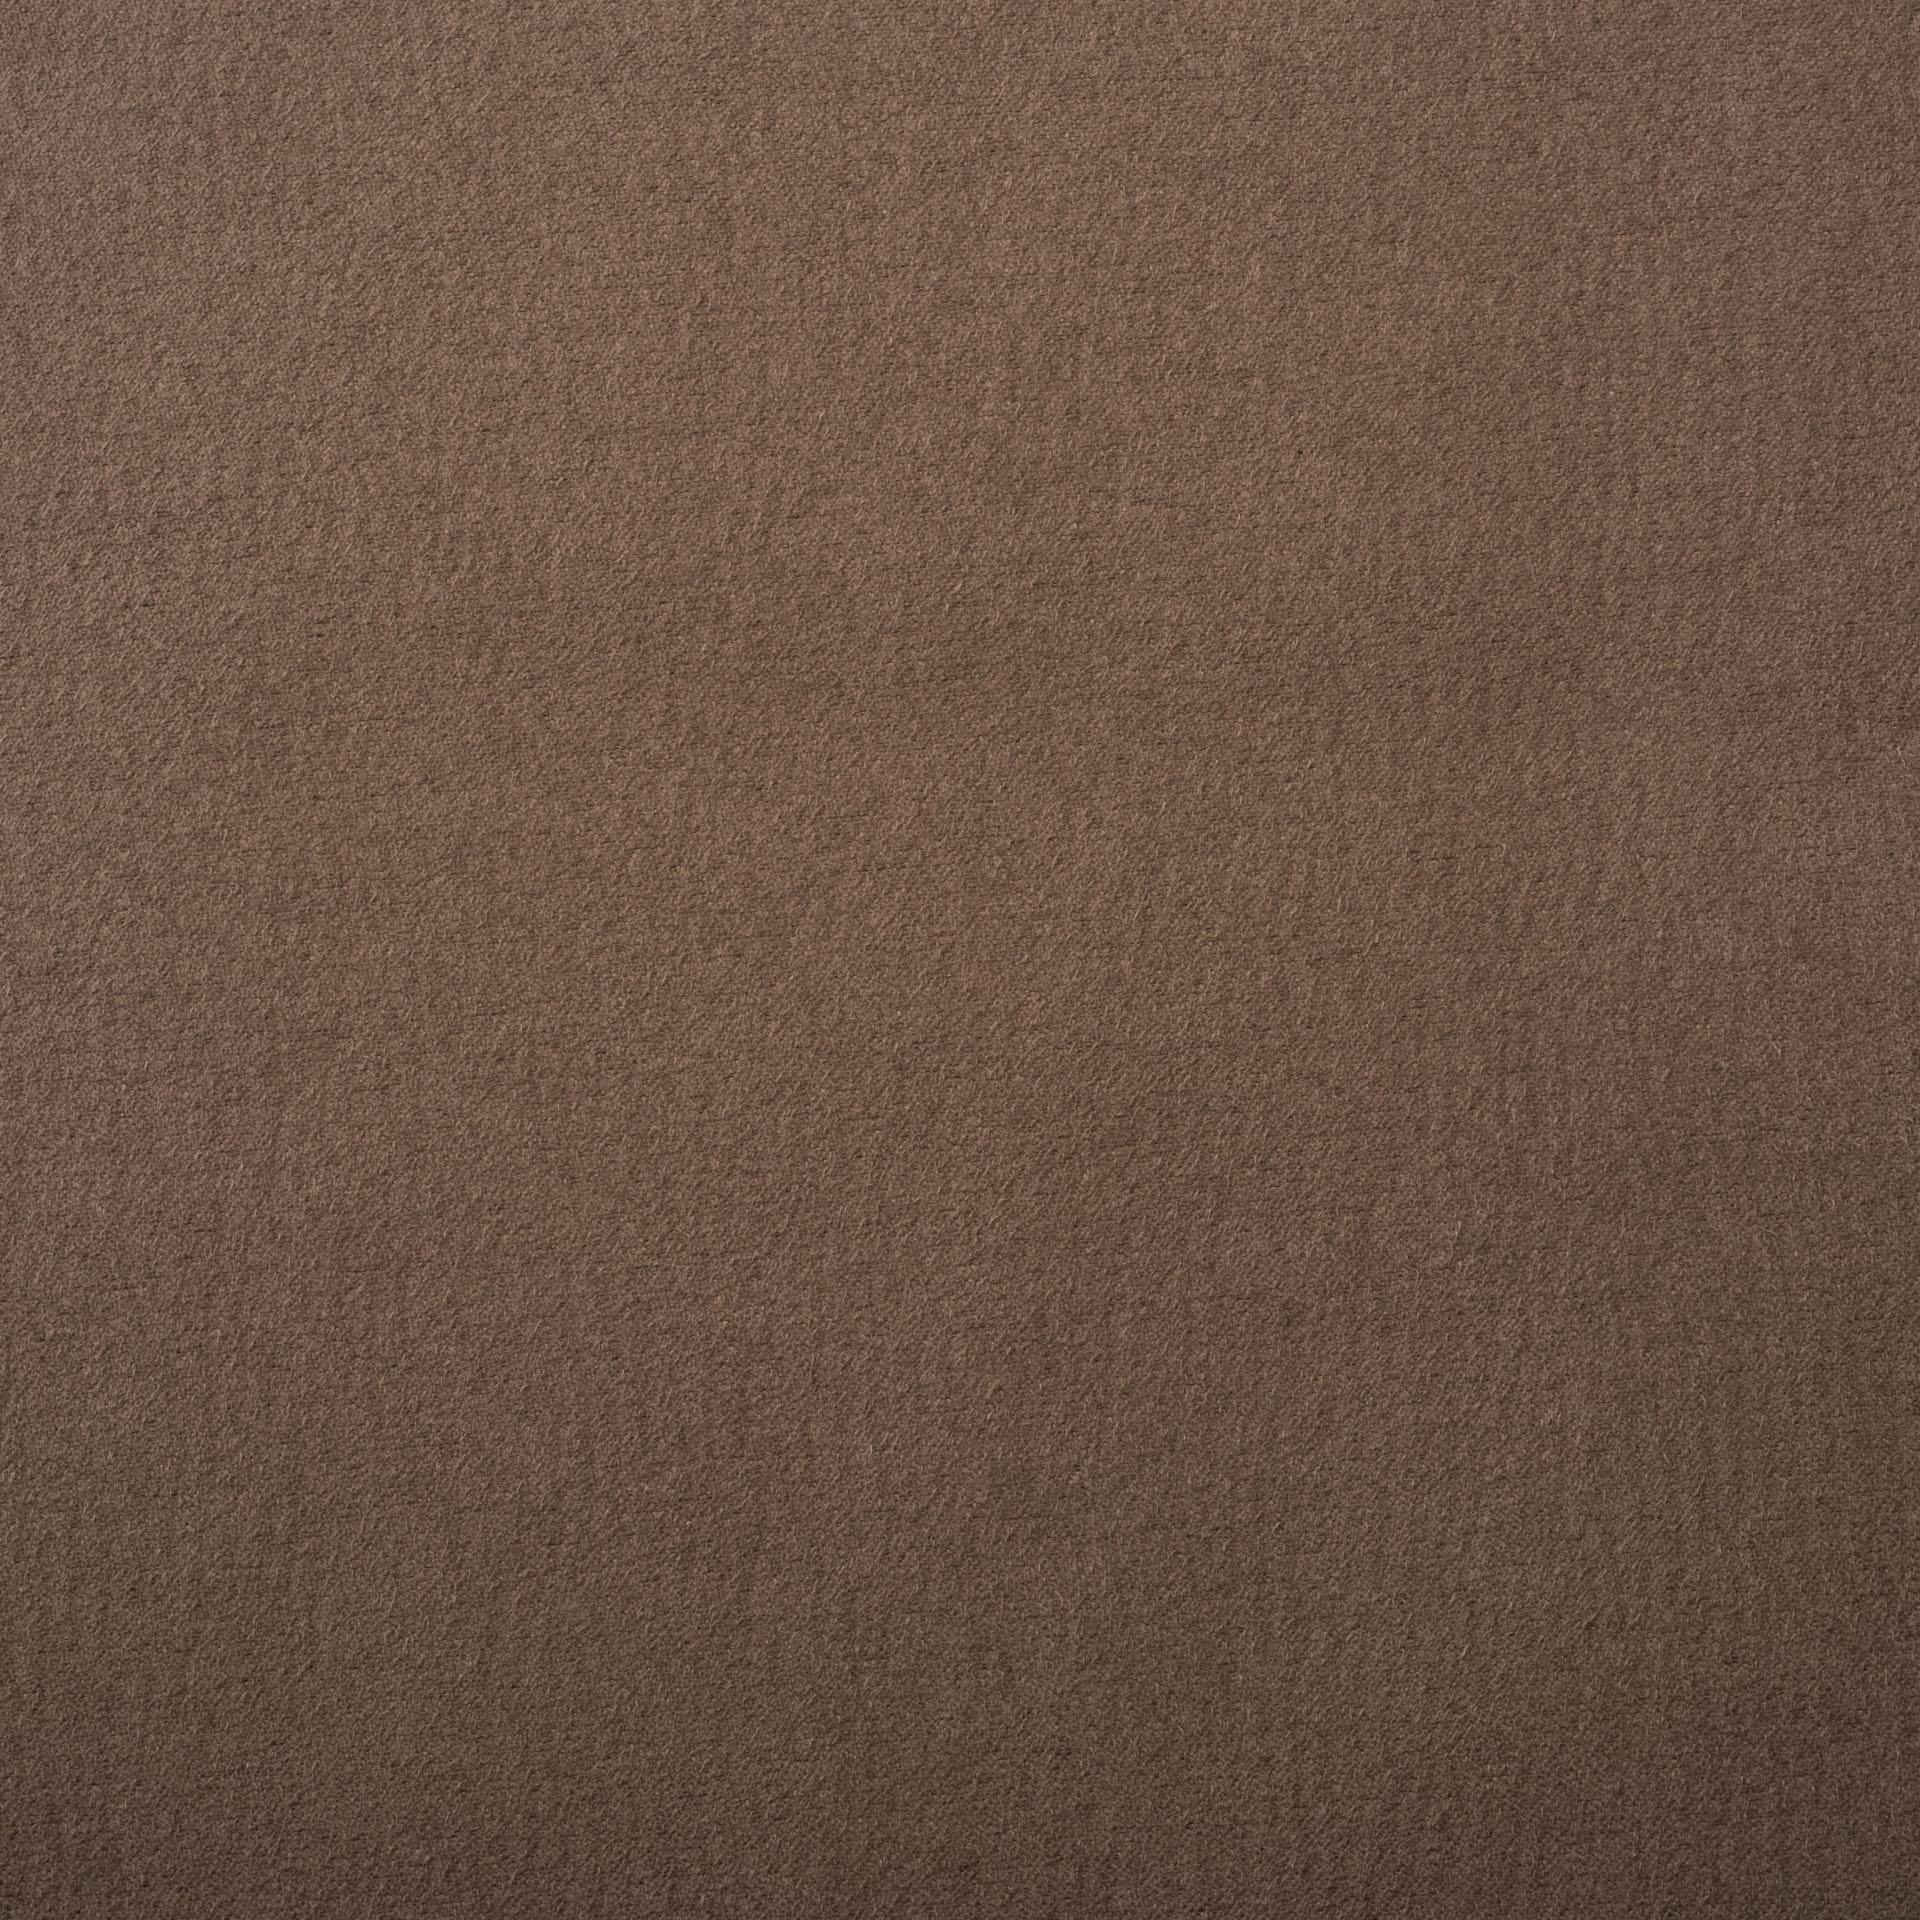 Коллекция ткани Нубук 07 ELEPHANT,  купить ткань Велюр для мебели Украина